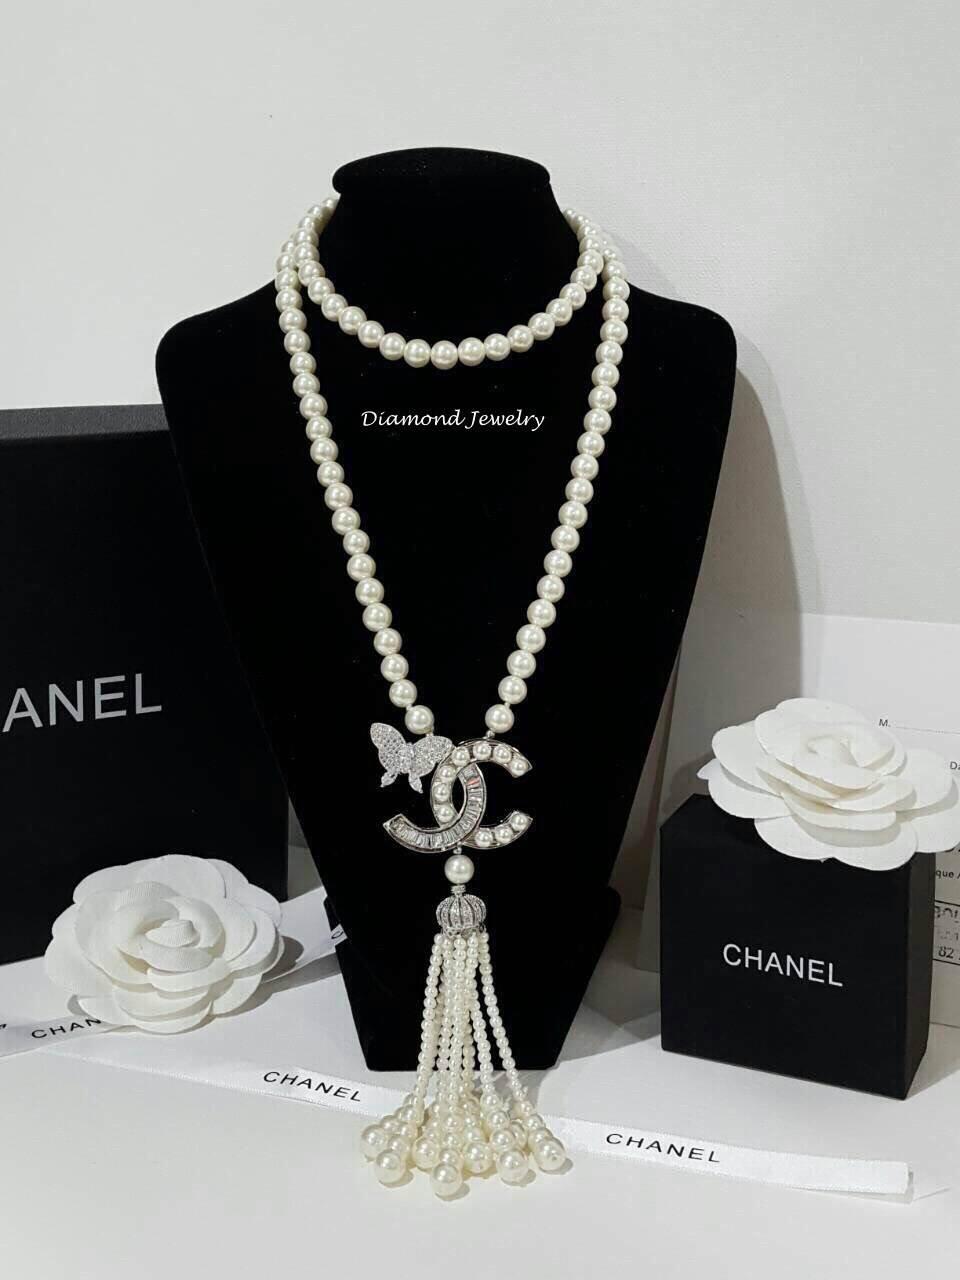 พร้อมส่ง Chanel Pearl Necklace รุ่นนี้เป็นงาน มุกญี่ปุ่นเกรดดีมาก